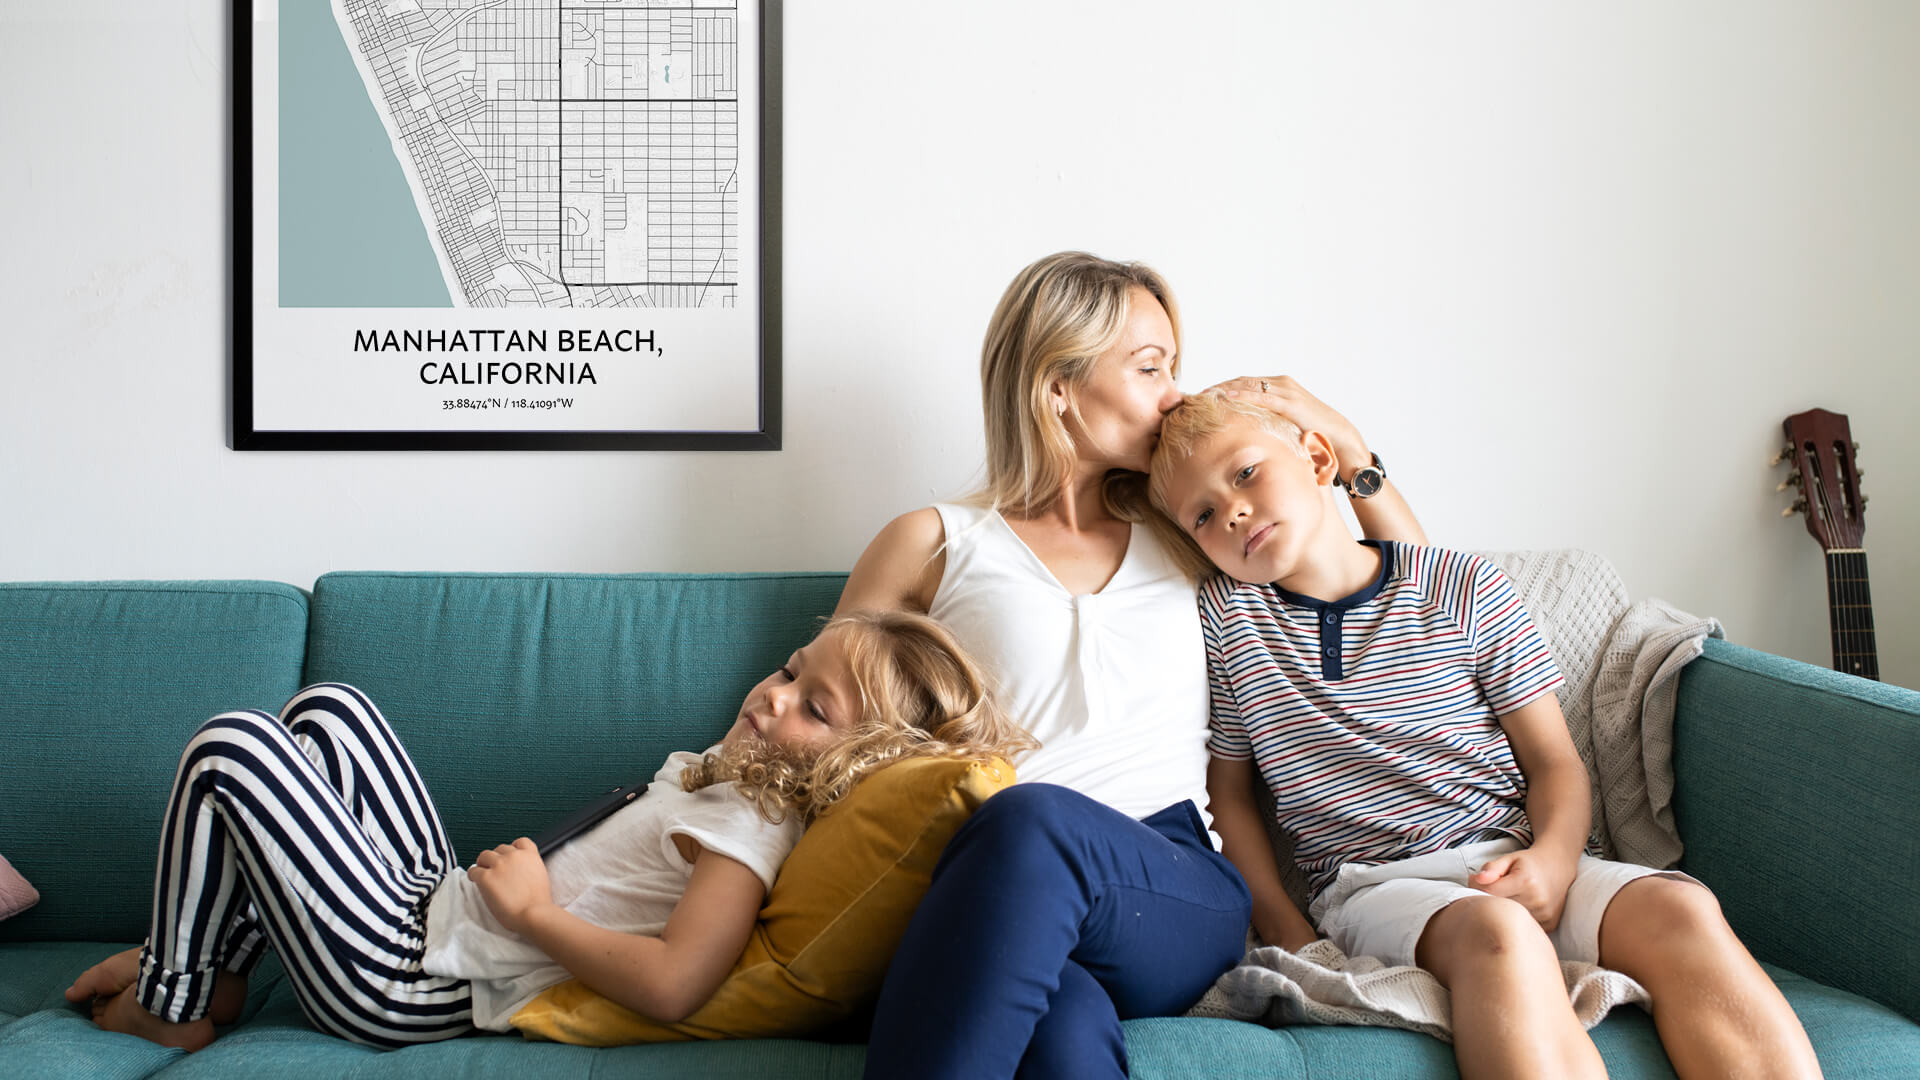 Manhattan Beach map poster